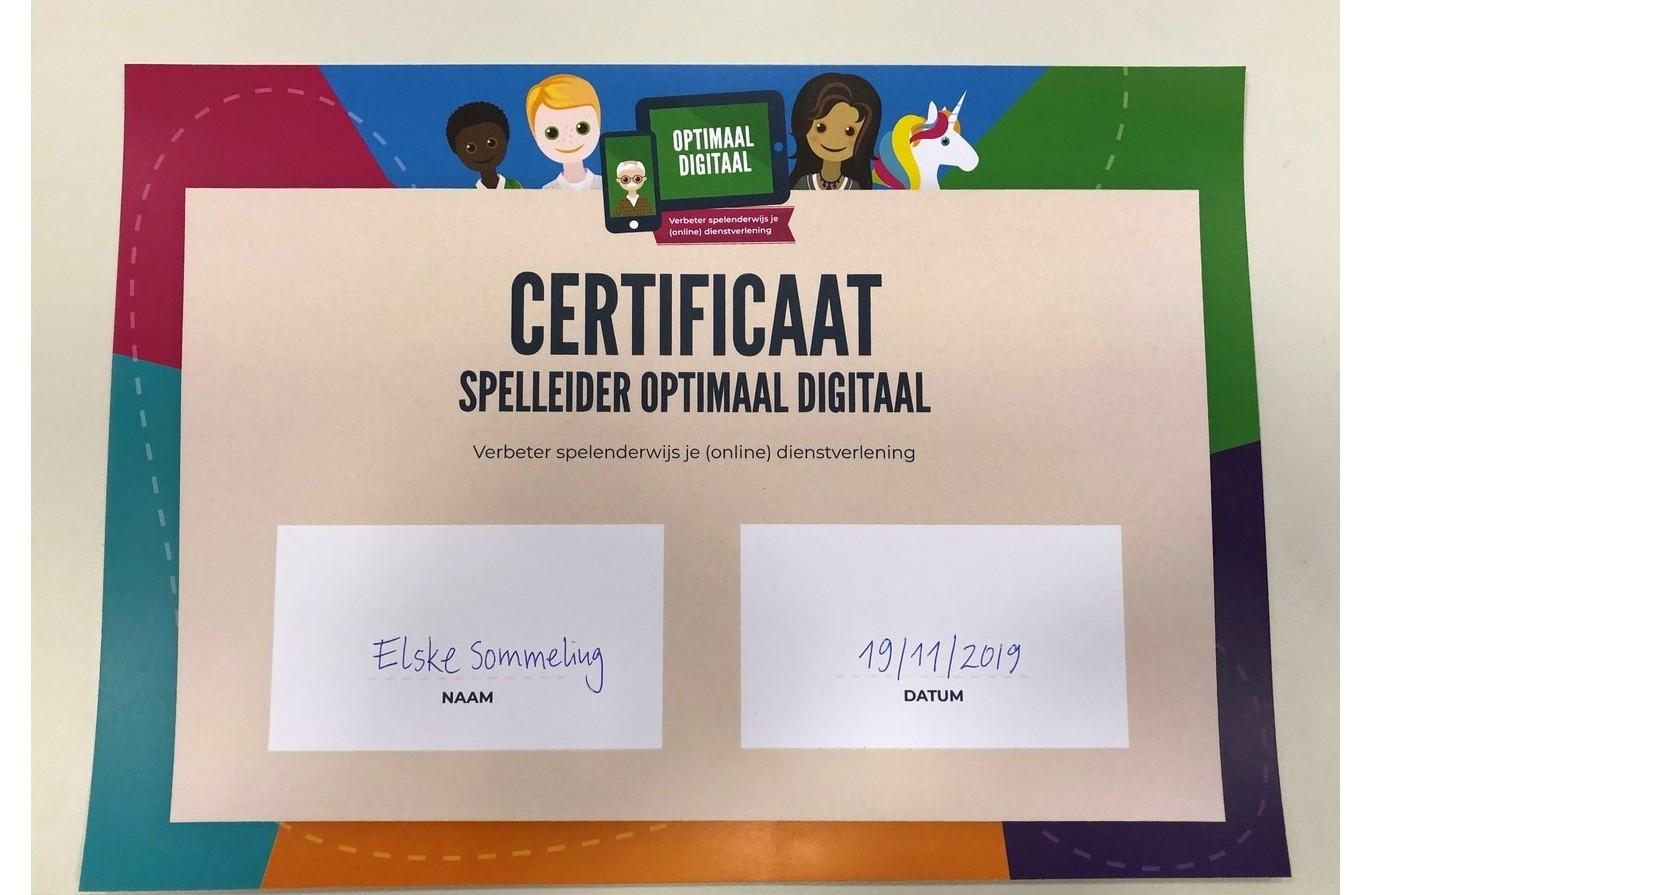 Certificaat Spelleider Optimaal Digitaal